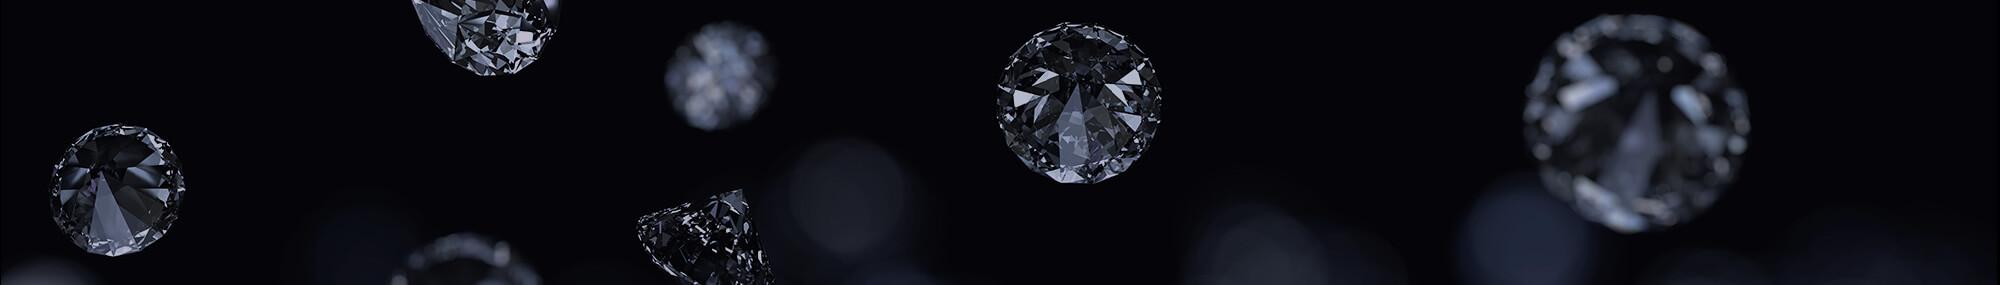 DiamondGlossary_Header.jpg